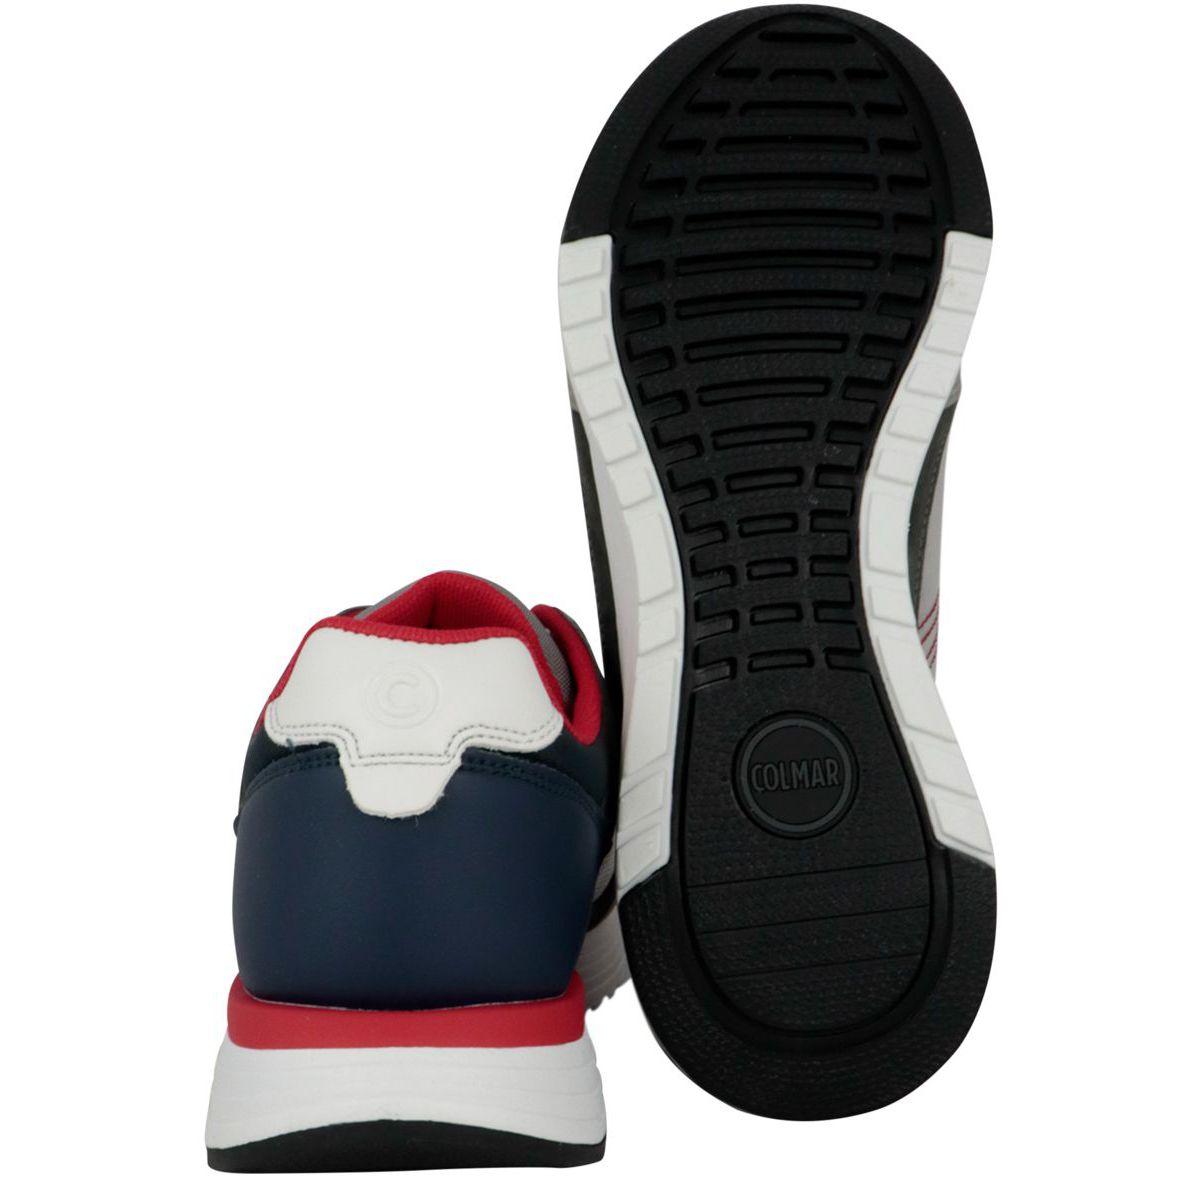 Supreme kick sneakers Gray / navy Colmar Shoes